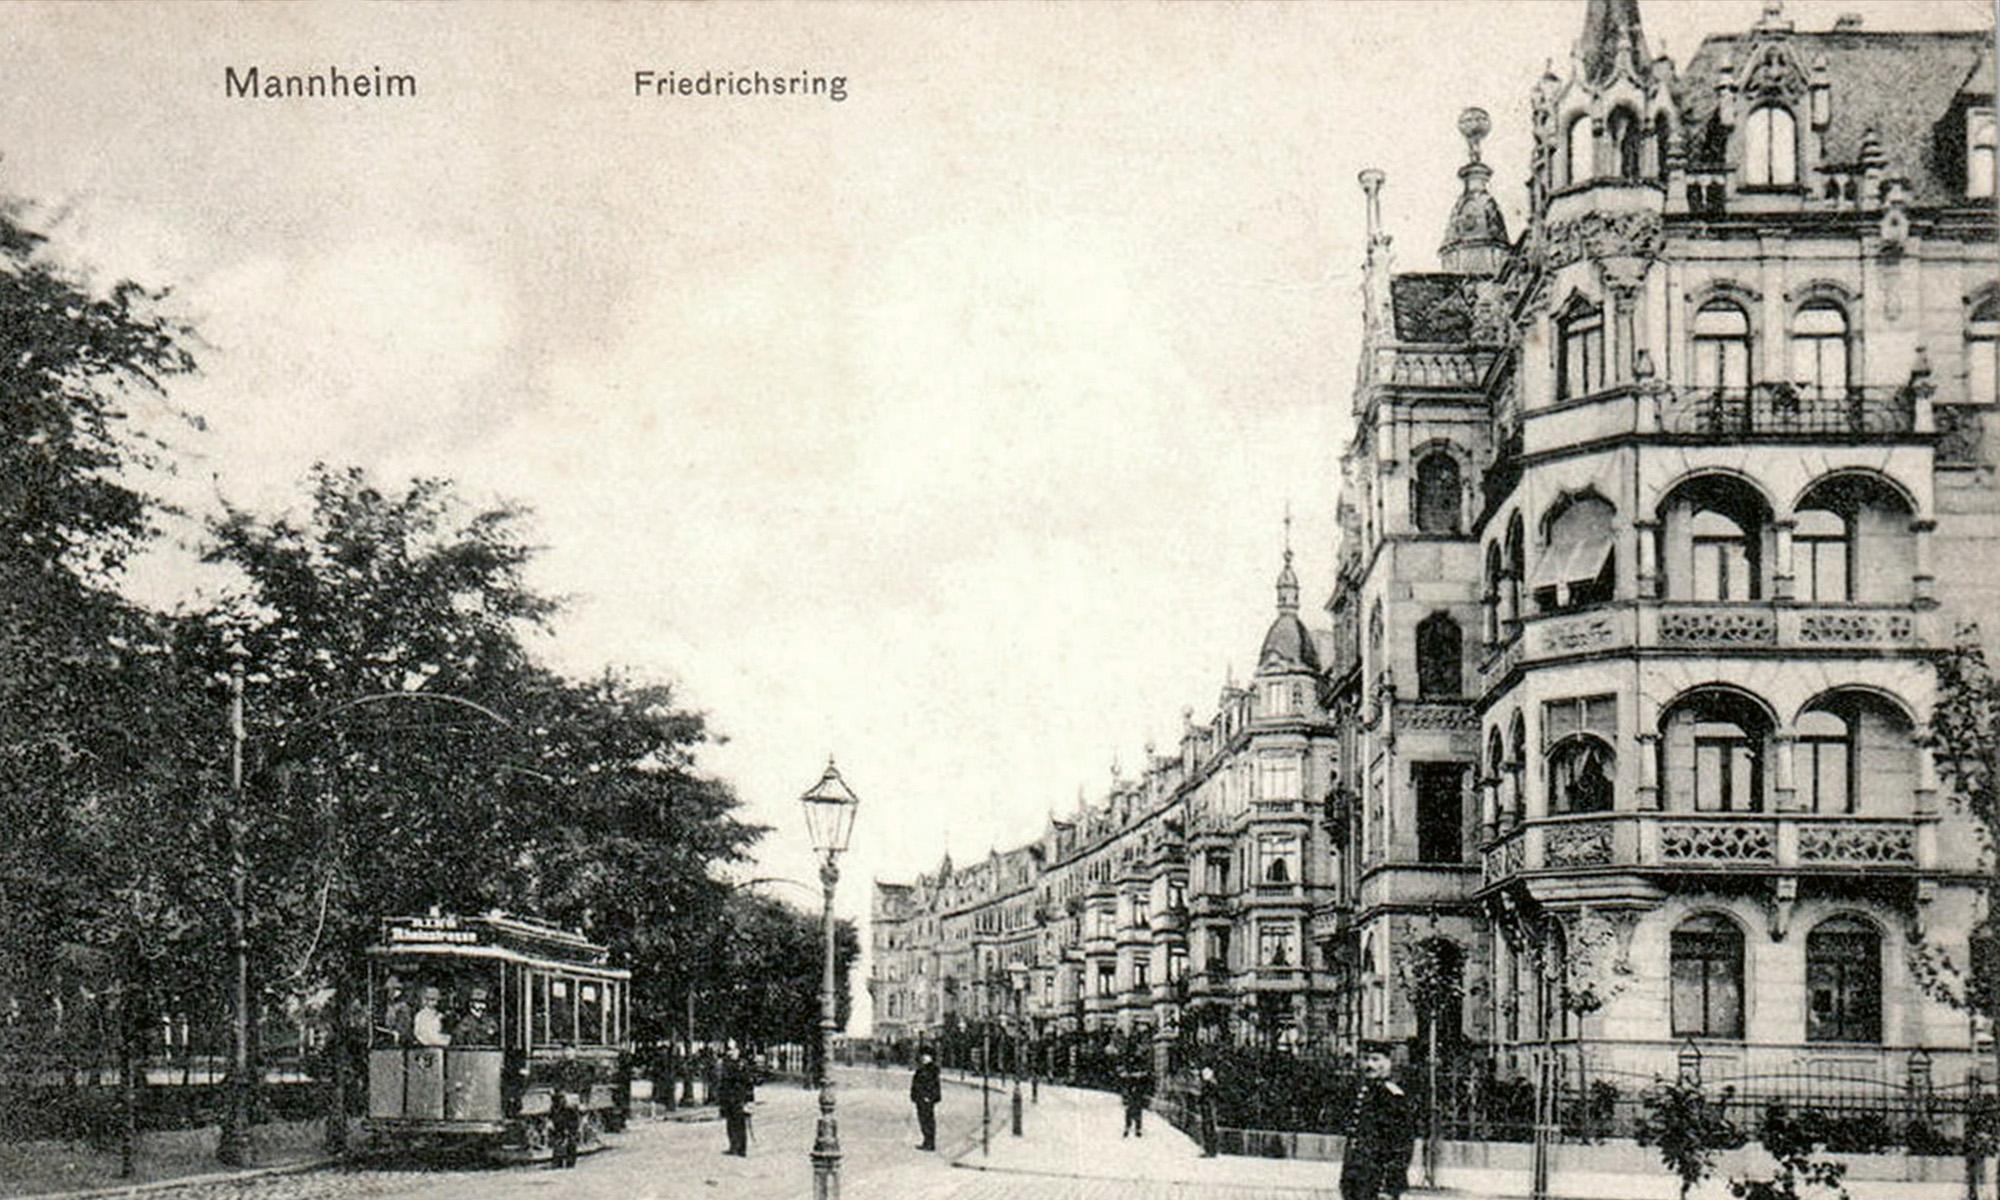 Friedrichsring Mannheim